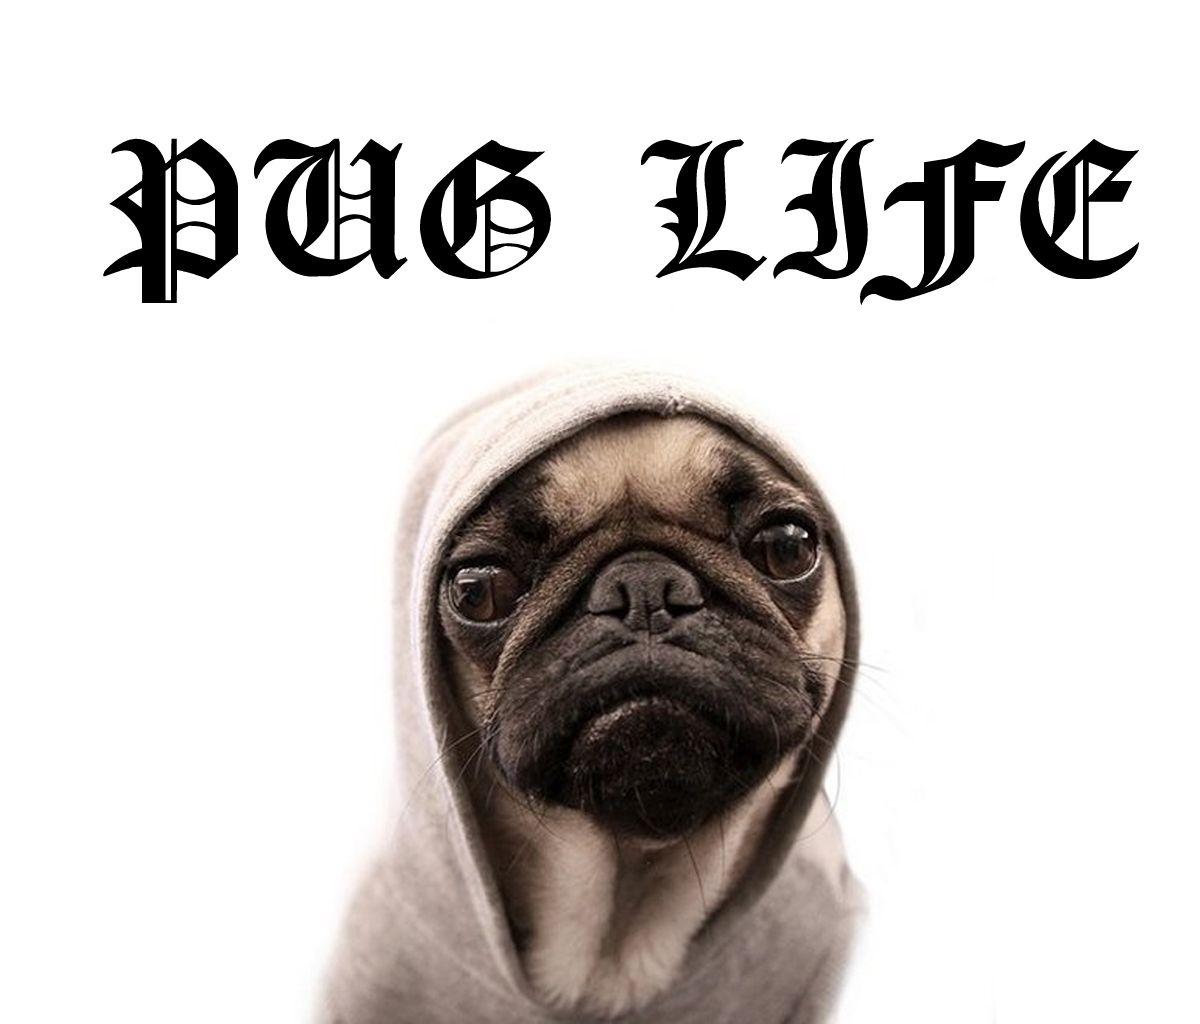 Pin By April Pug On Animagic Cute Pugs Pug Memes Pugs